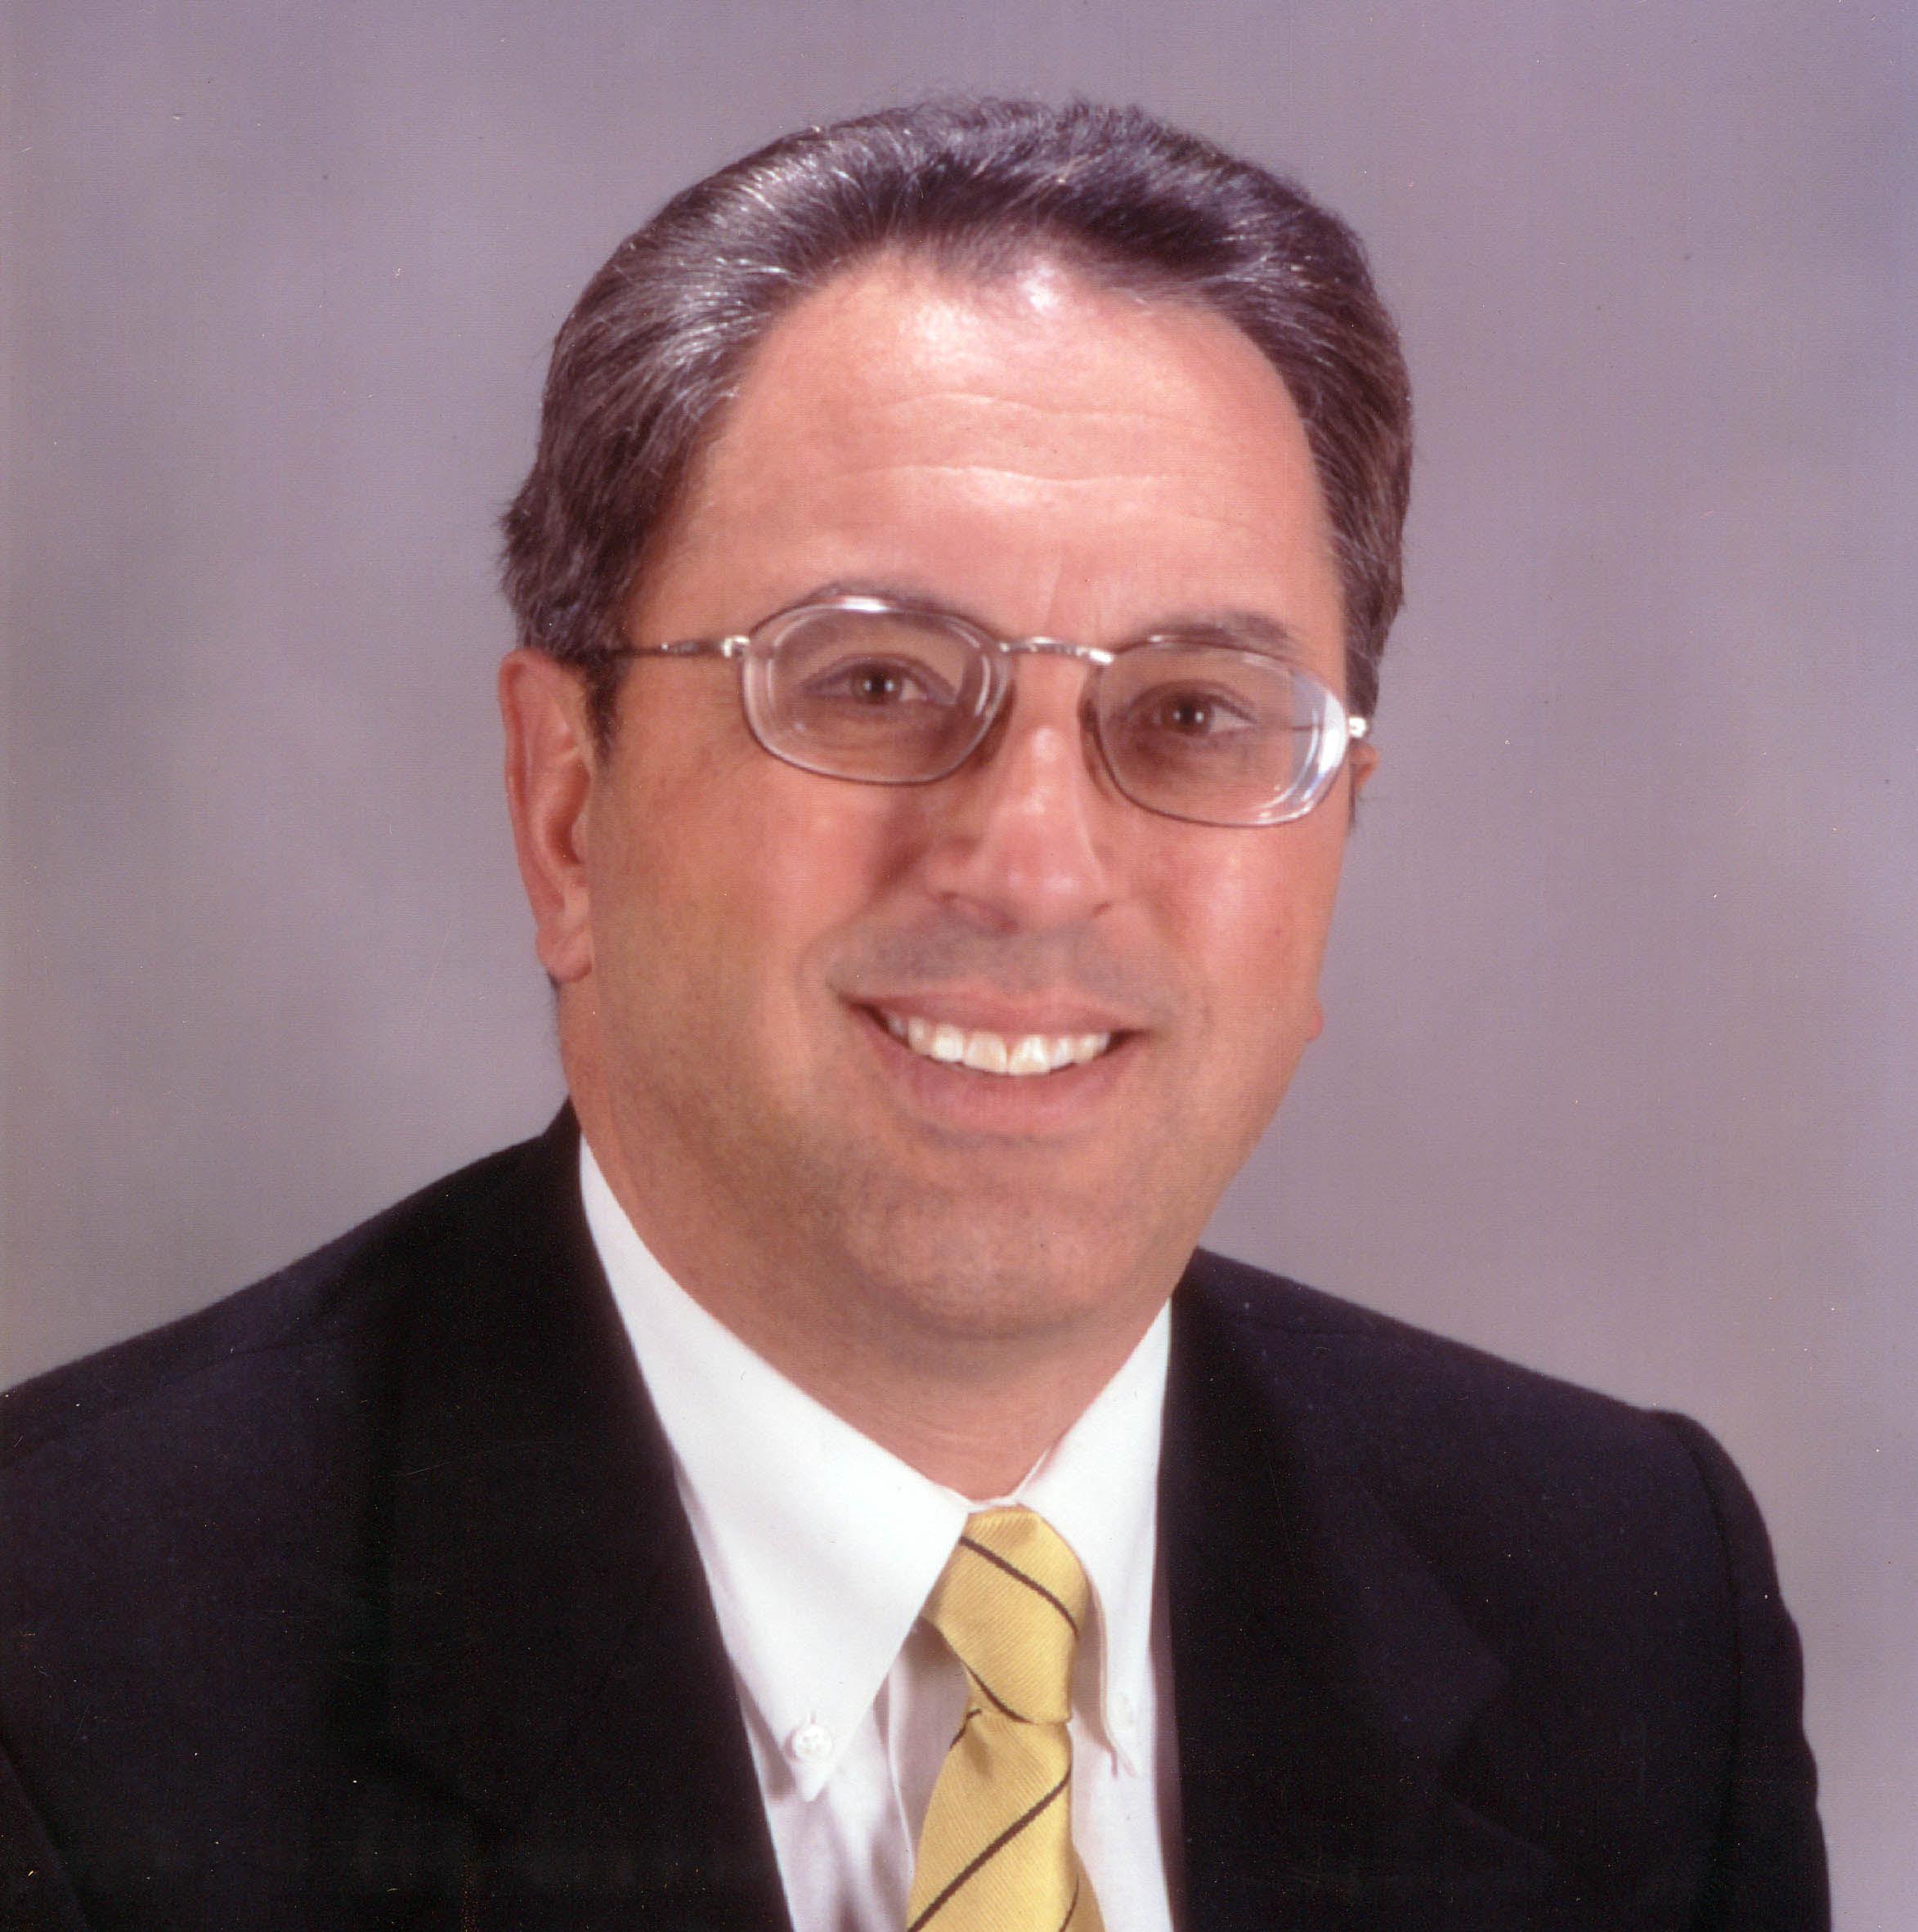 Joseph Iacoi